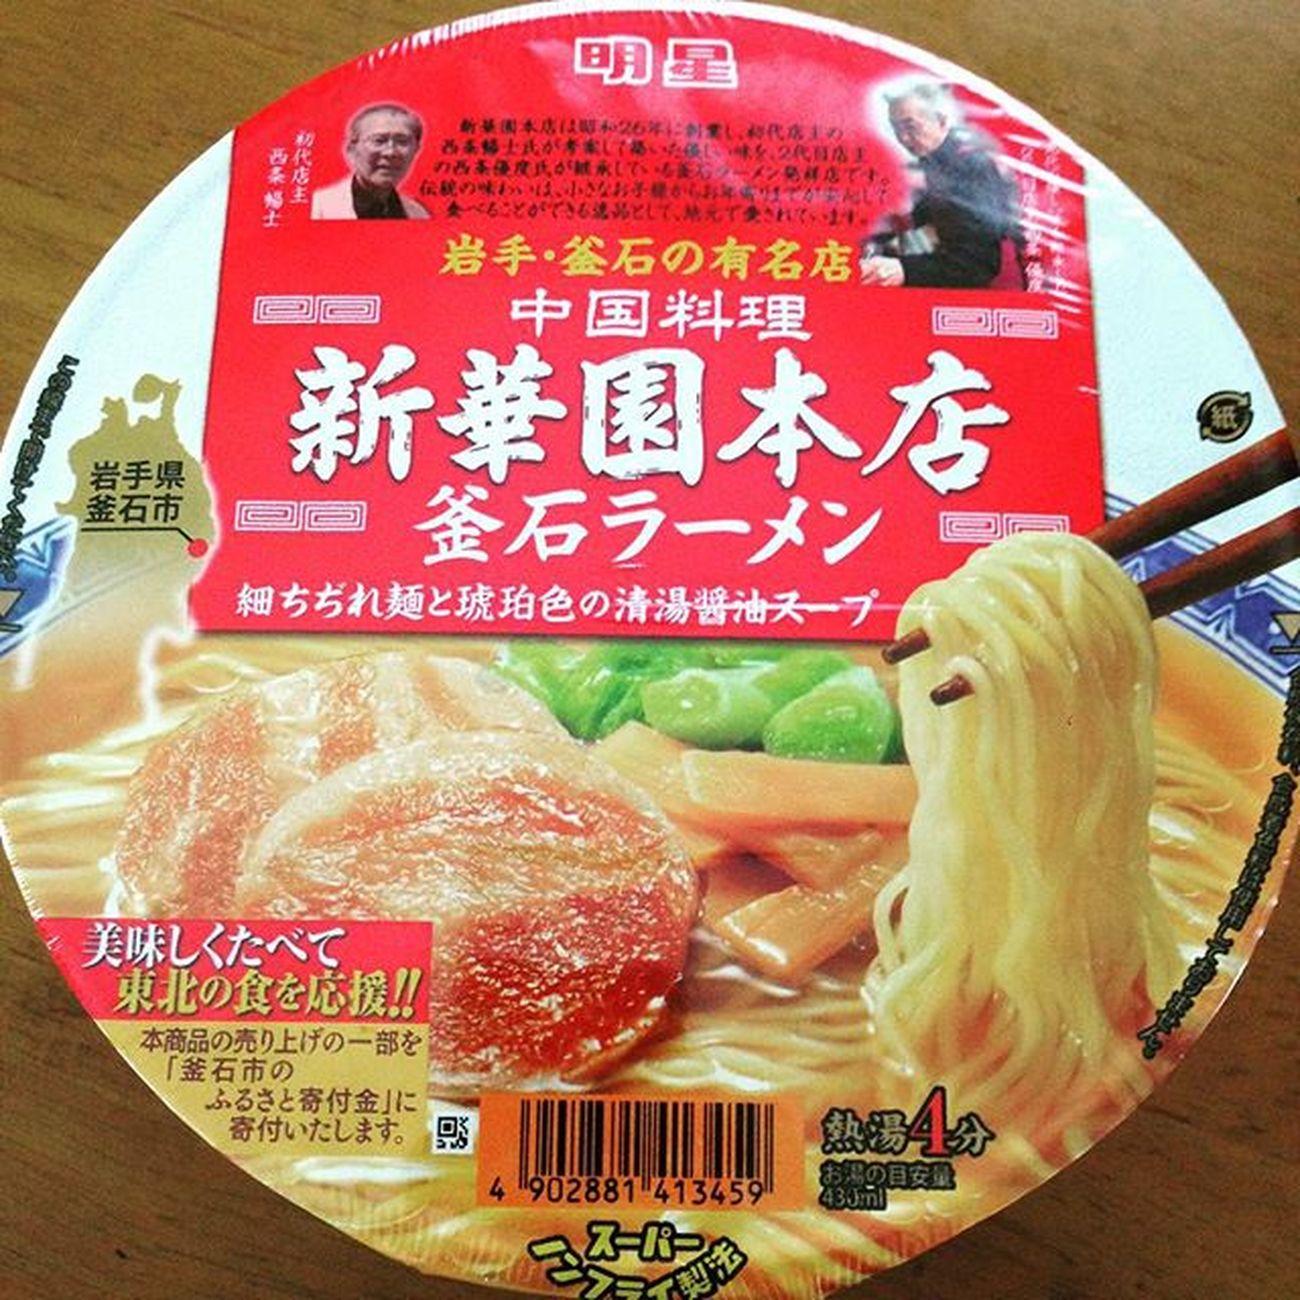 昼〆は岩手旅行土産のカップラーメン♪ Ramen 岩手 釜石 明星 新華園 noodles japanesefood